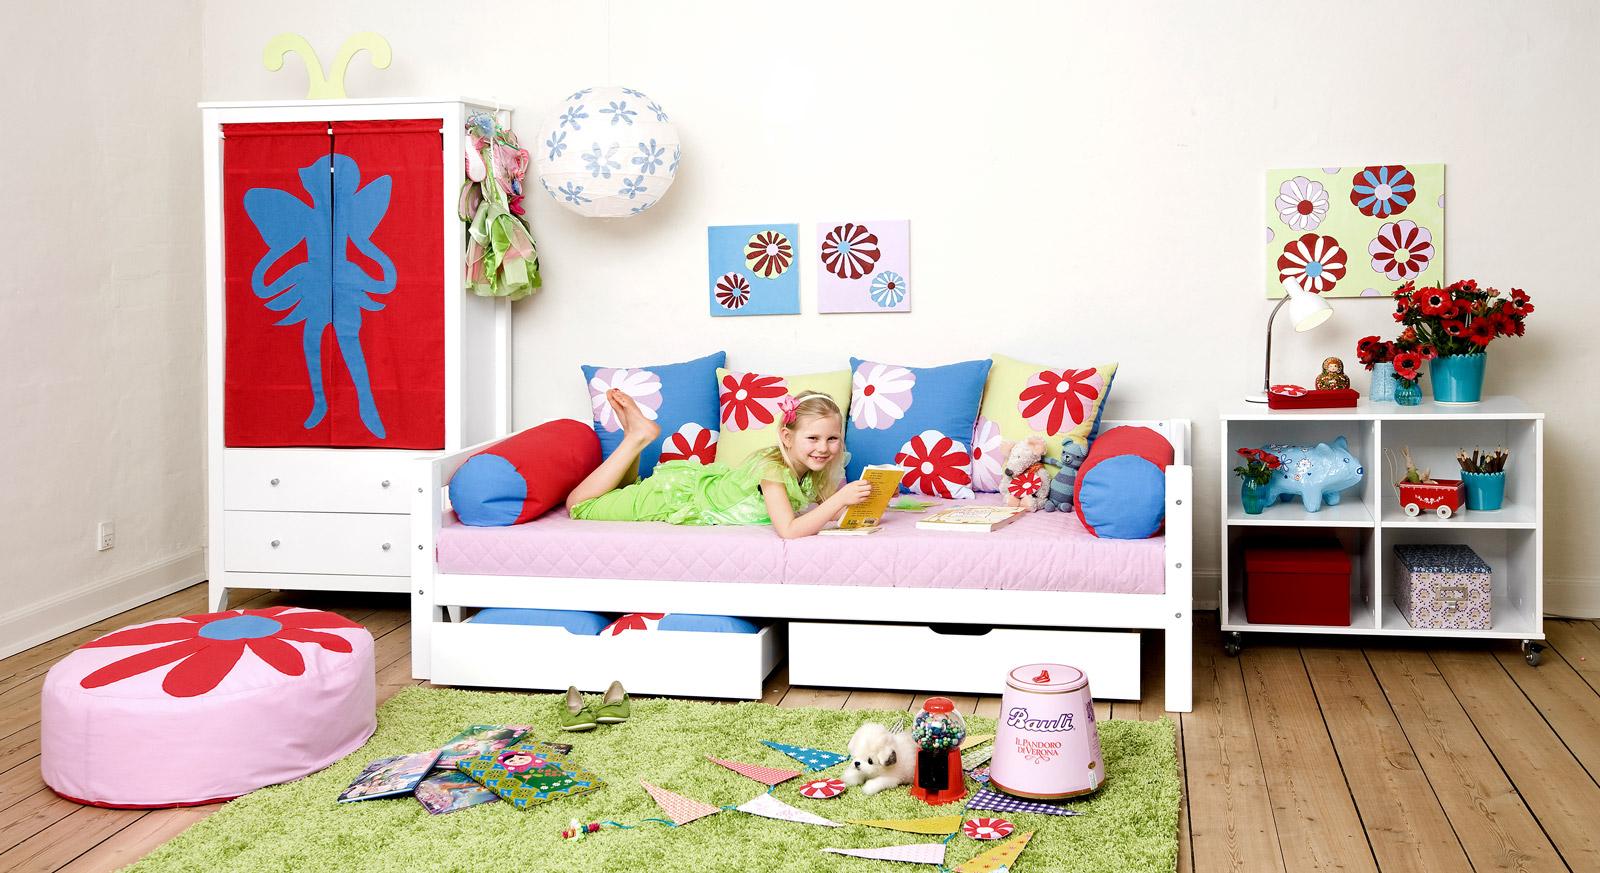 Sofabett Kids Royalty mit dazu passenden Produkten